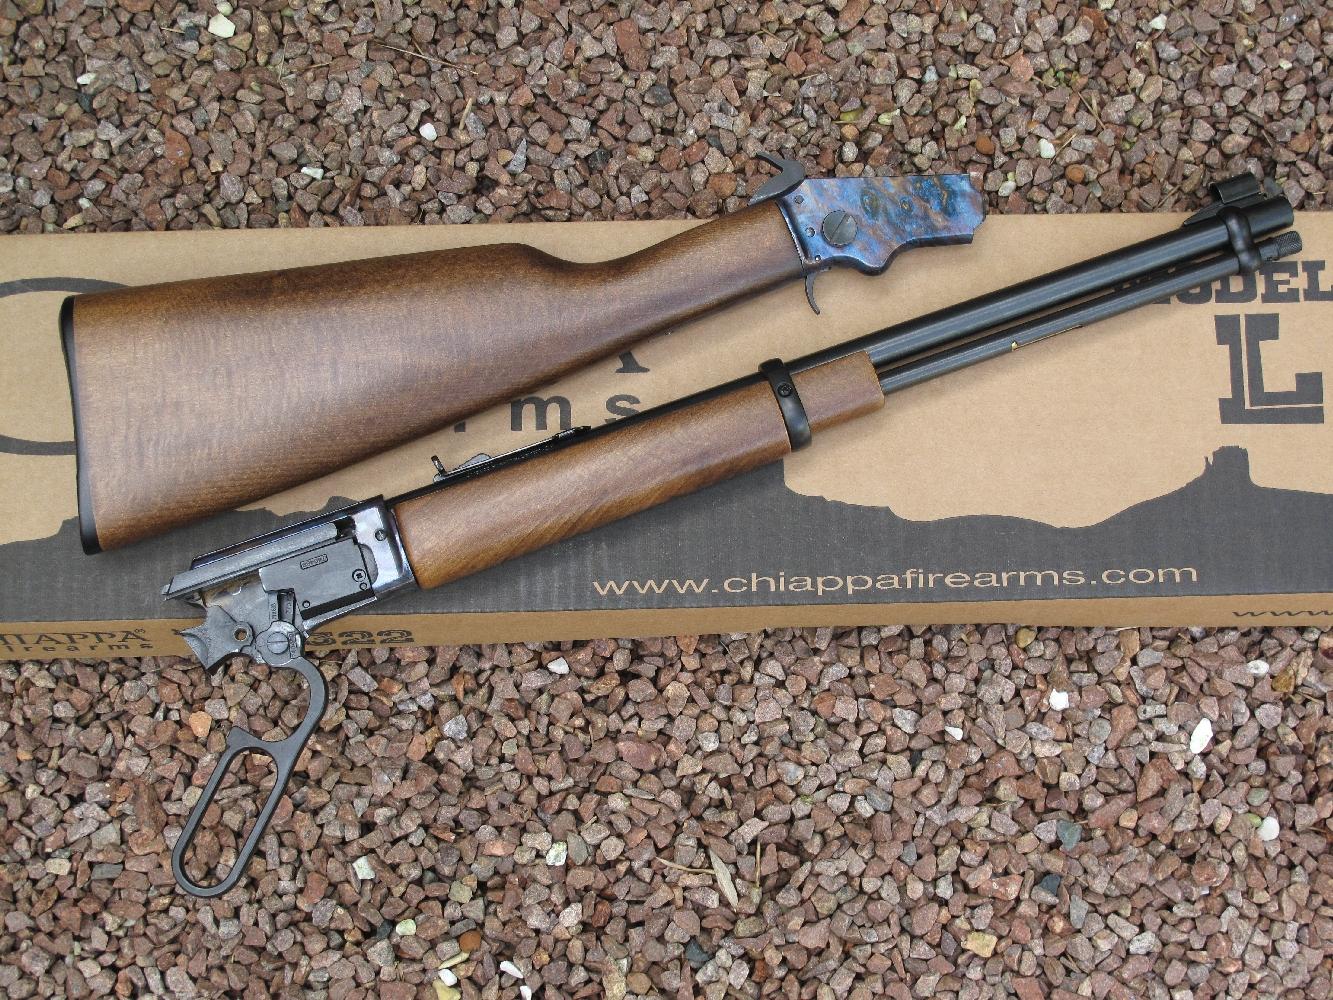 La carabine Chiappa LA322 se démarque par son système Take Down, qui permet de la démonter instantanément et sans outil en deux parties pour en faciliter le transport bien entendu, mais aussi le nettoyage, ce qui n'est pas négligeable.